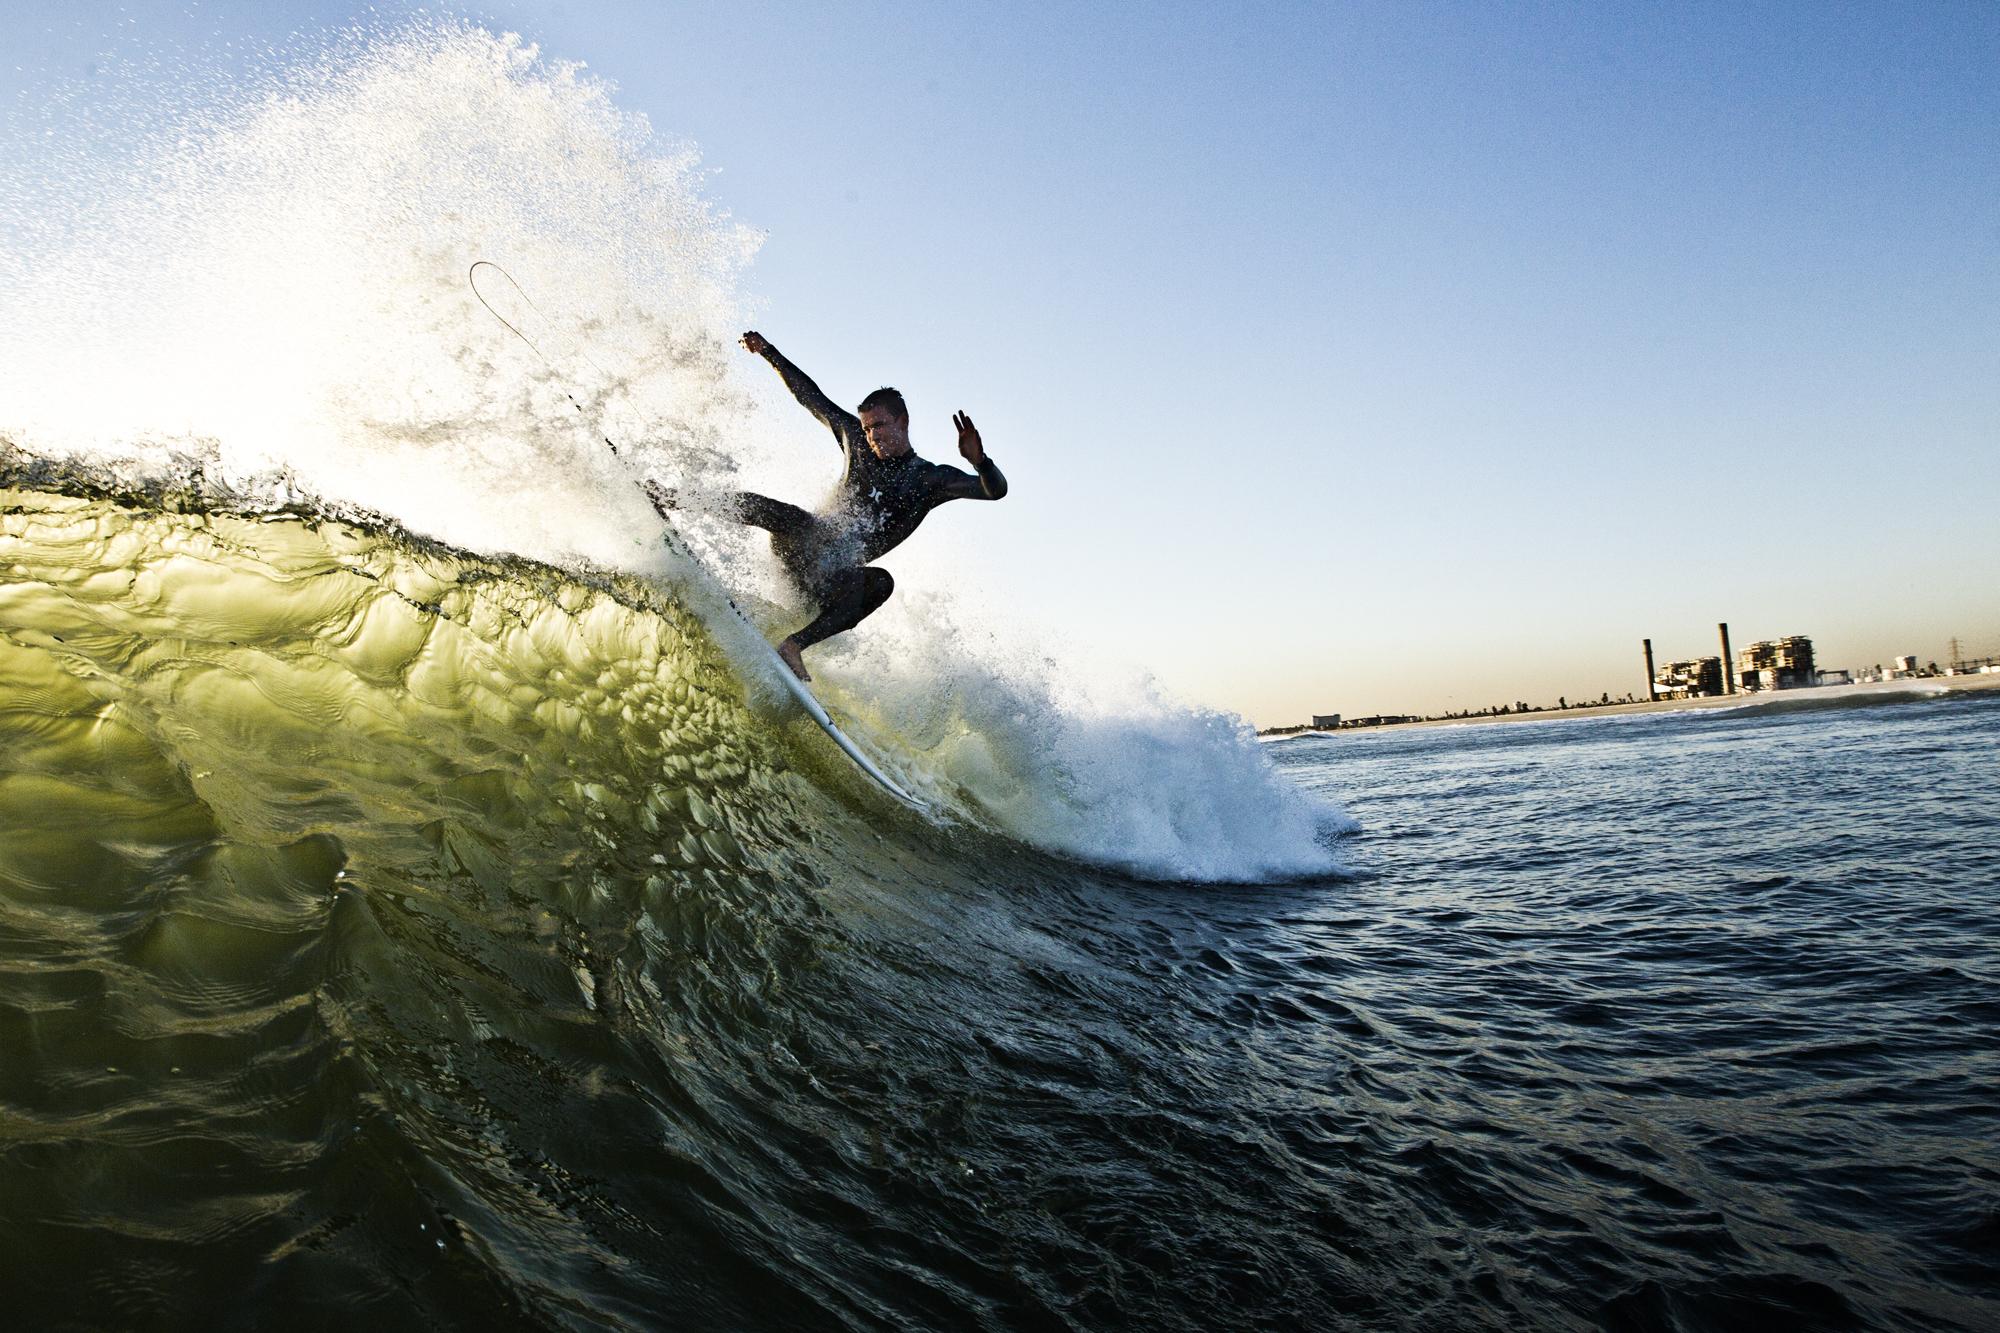 Hipster Fall Wallpaper Surfing Wallpapers Hd Pixelstalk Net